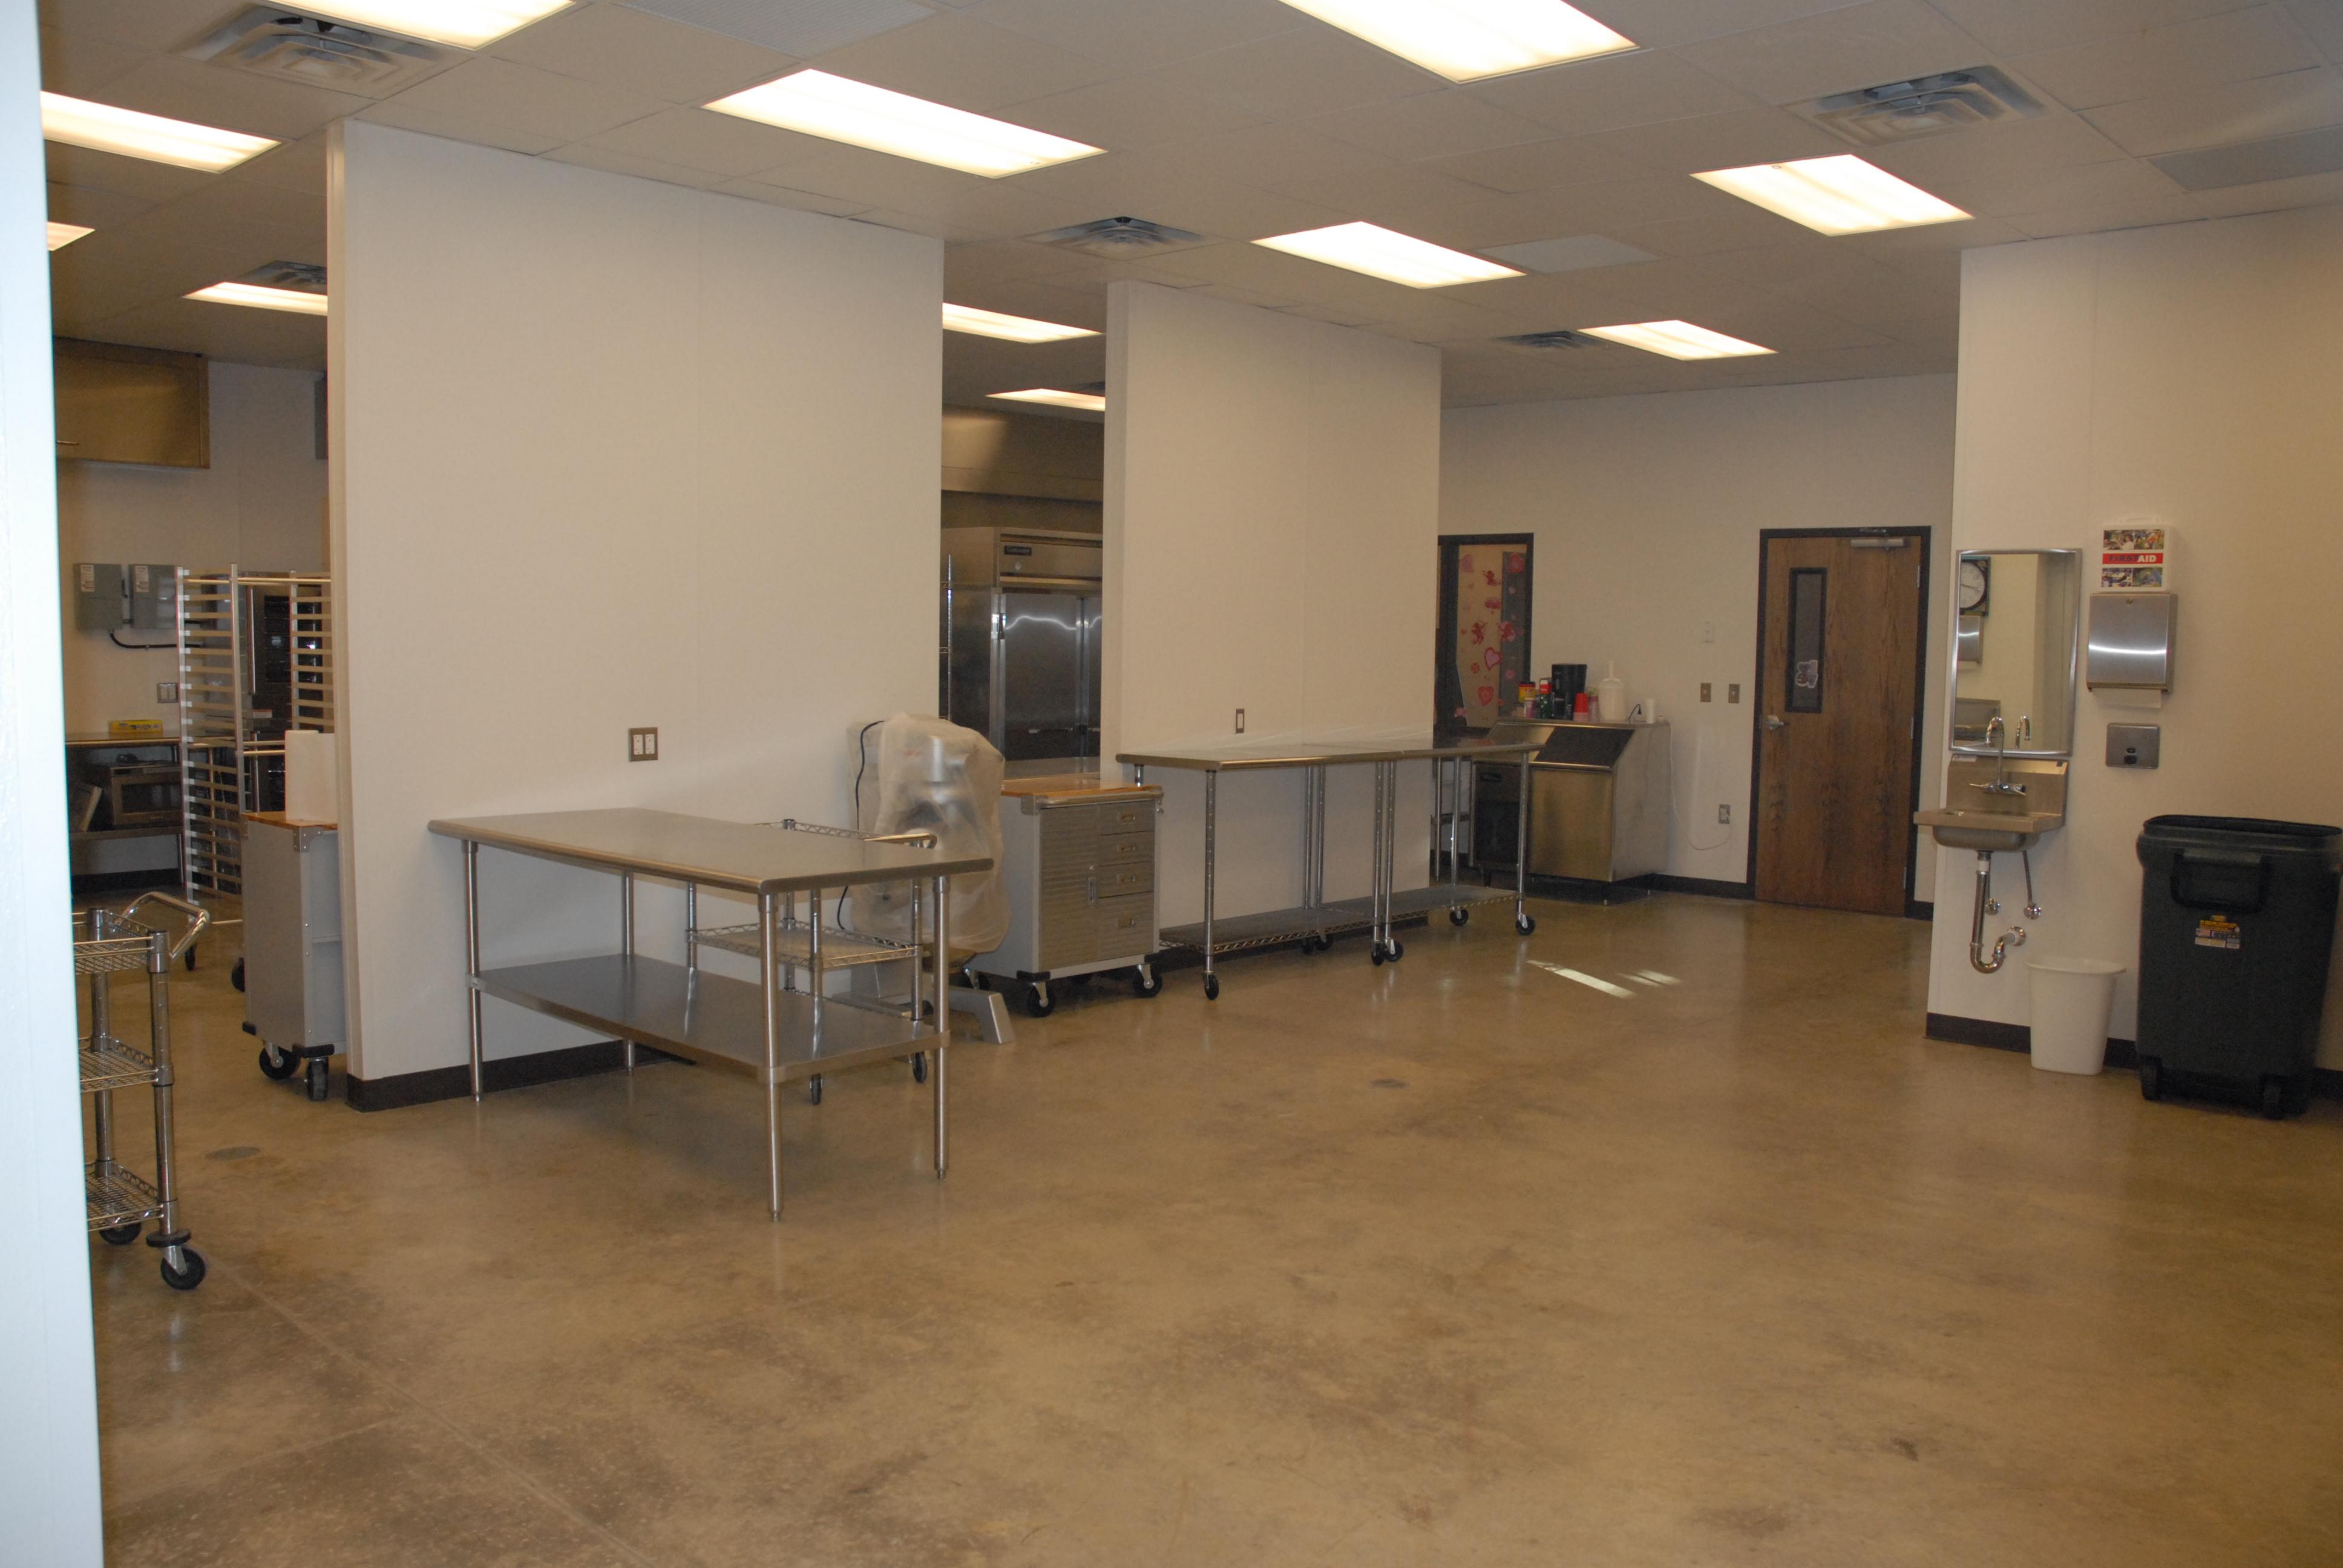 irongate1 dsc_0120 dsc_0113 dsc_0114 the commercial kitchen - Commercial Kitchen